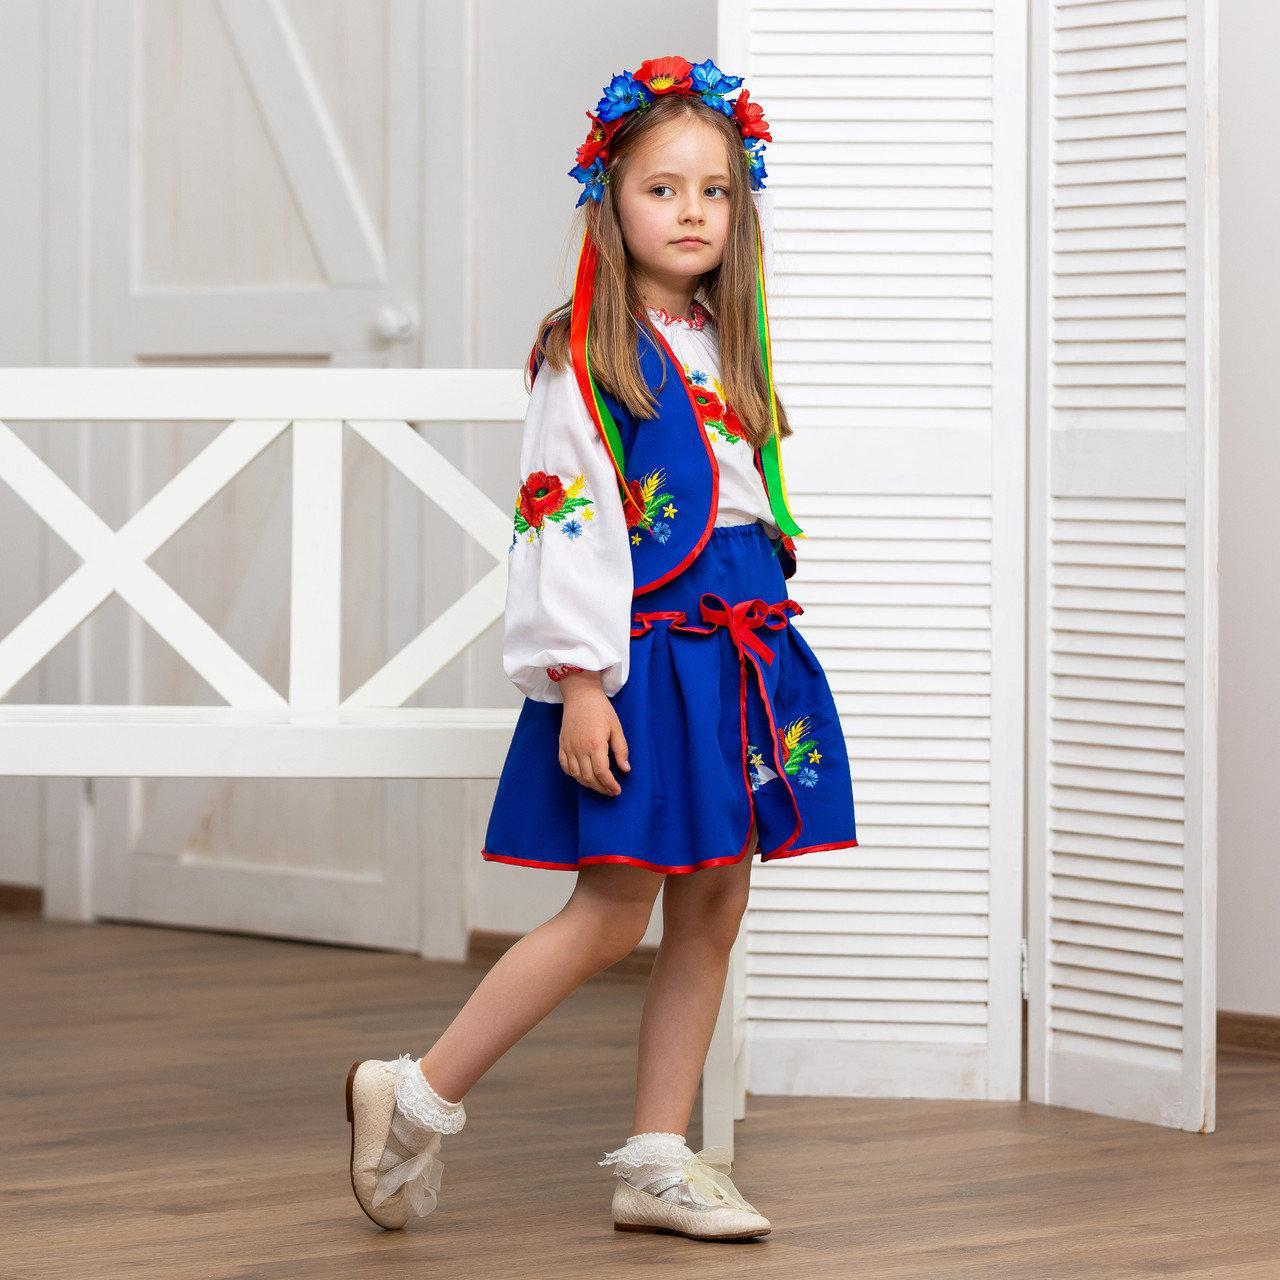 Синий детский костюм тройка для девочки с цветочной вышивкой